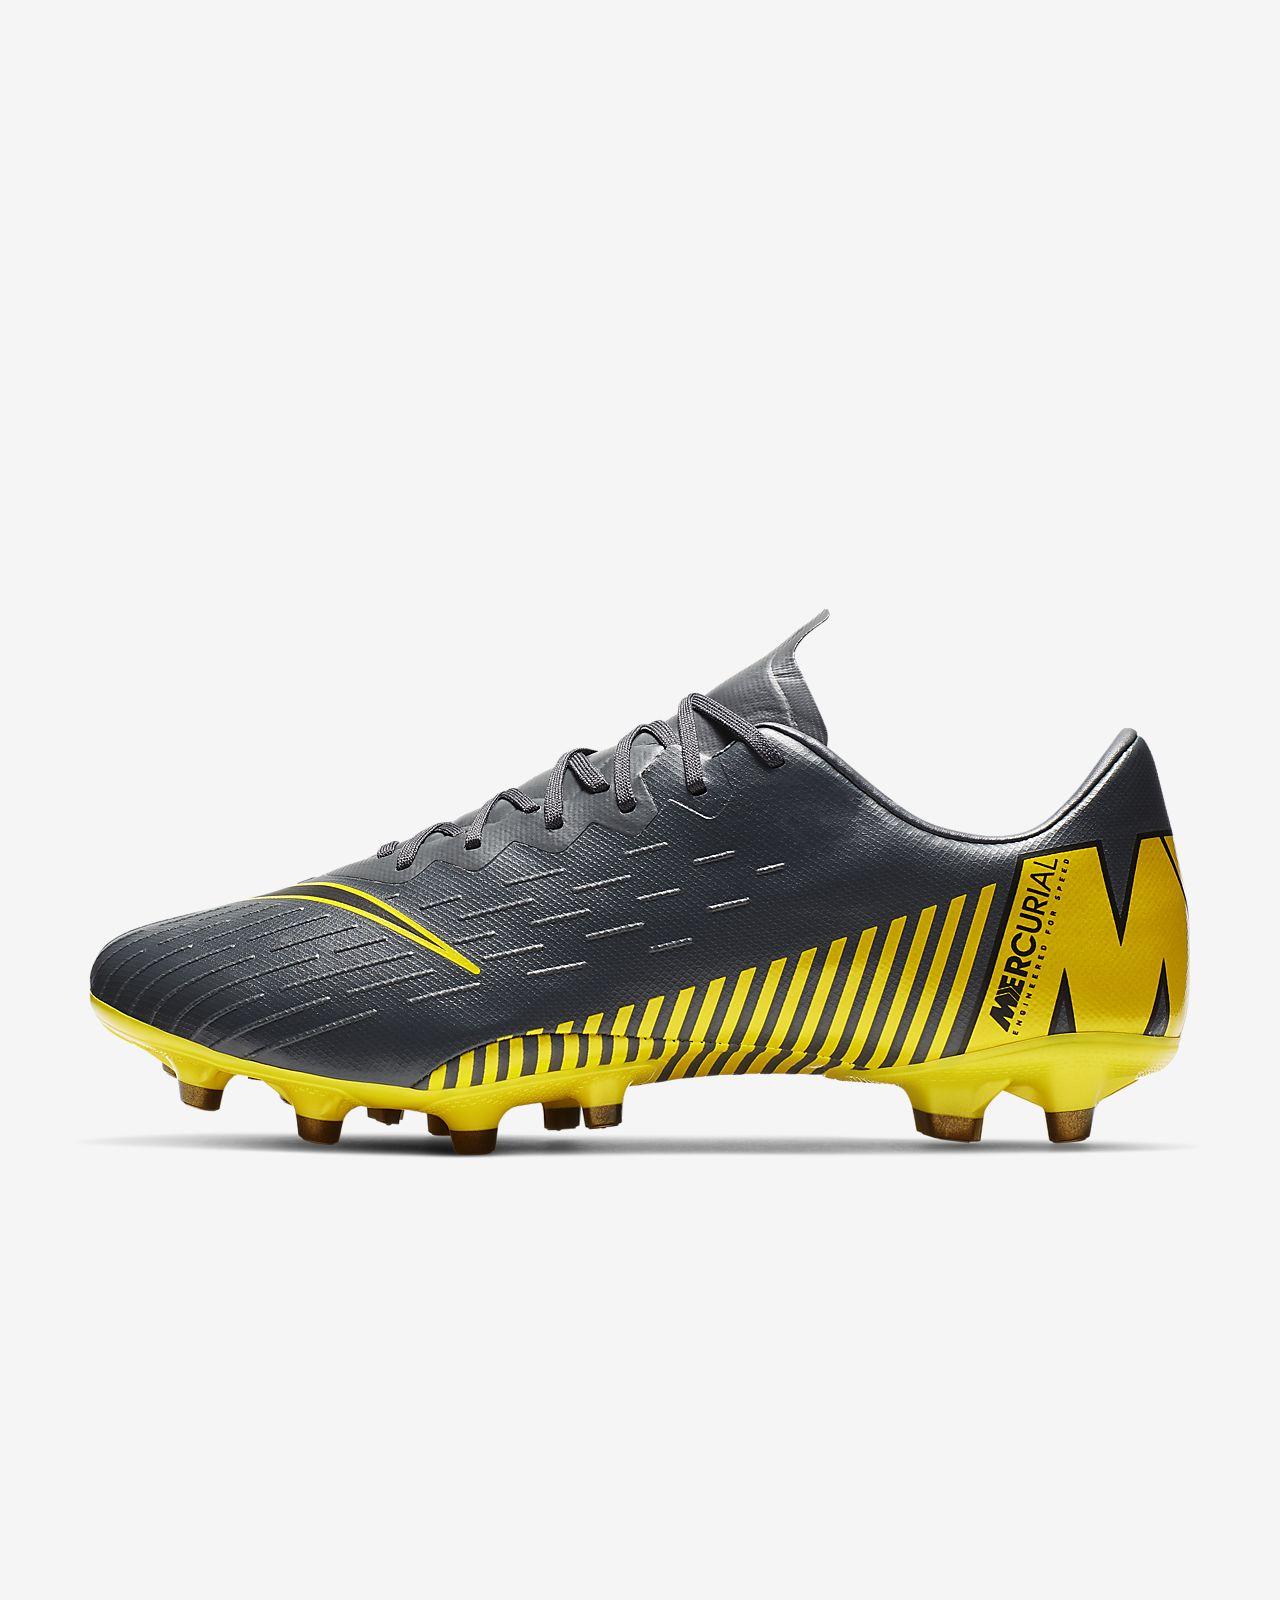 5a6995acb3e6 ... Korki piłkarskie na sztuczną nawierzchnię Nike Mercurial Vapor XII Pro  AG-PRO